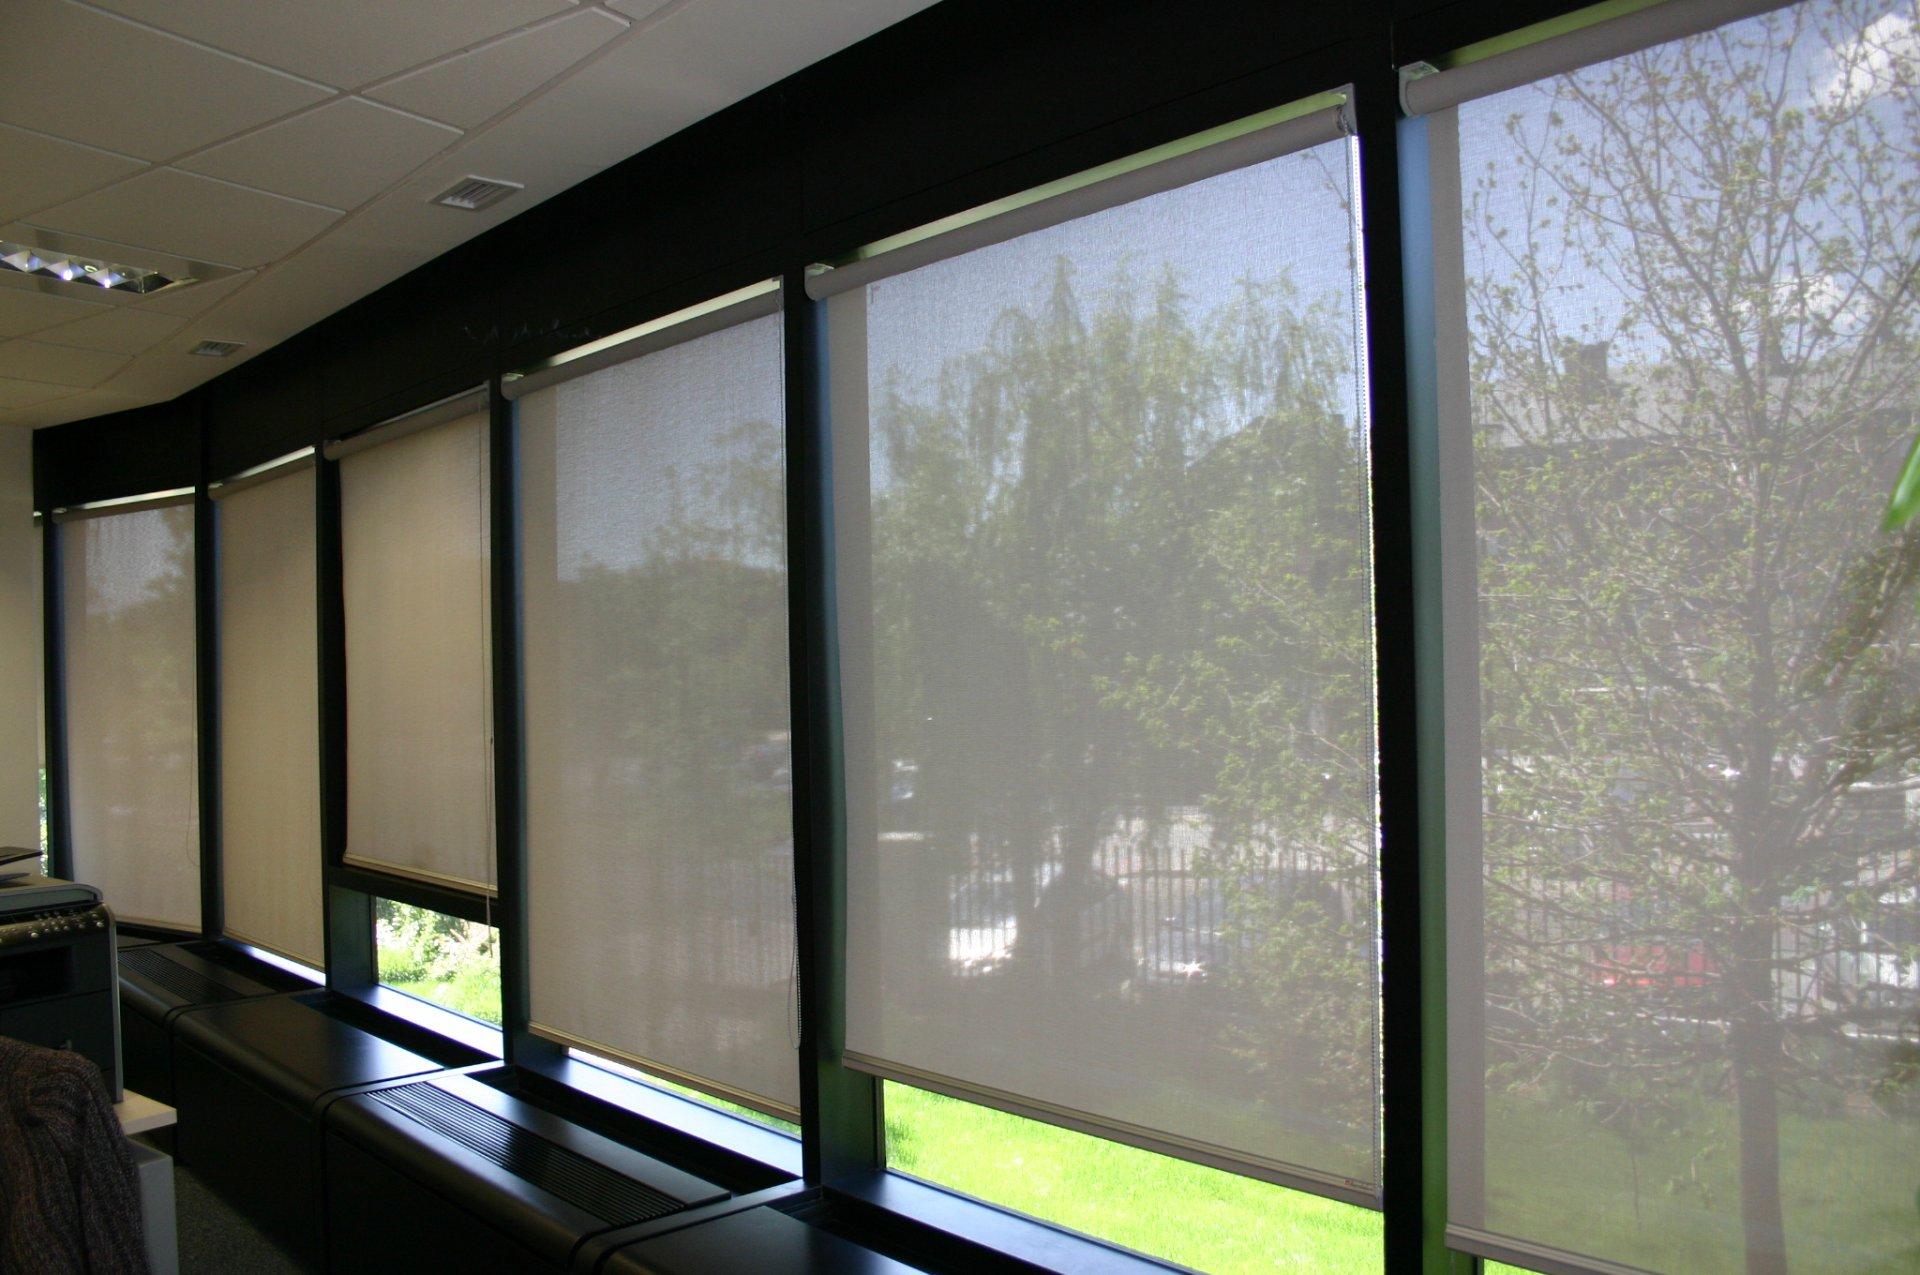 Aramaio toldoak cortinas persianas y mosquiteras - Cortinas y persianas ...